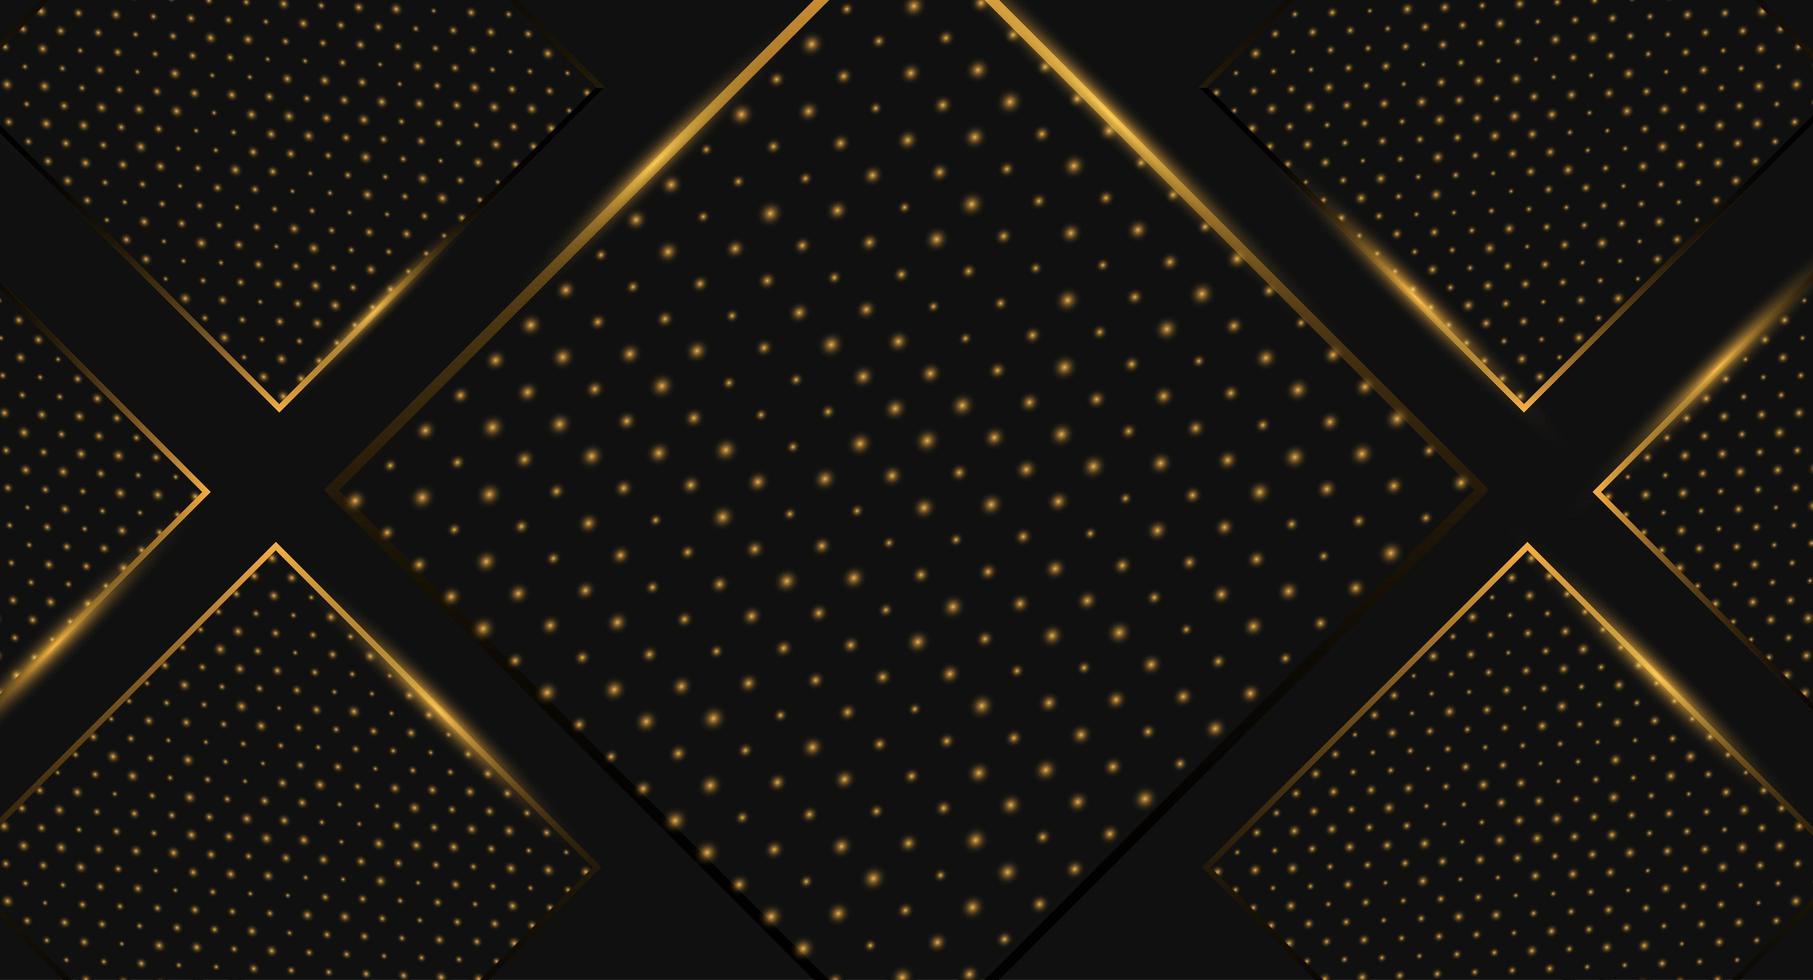 Speciell svart och guld diamantbakgrund vektor